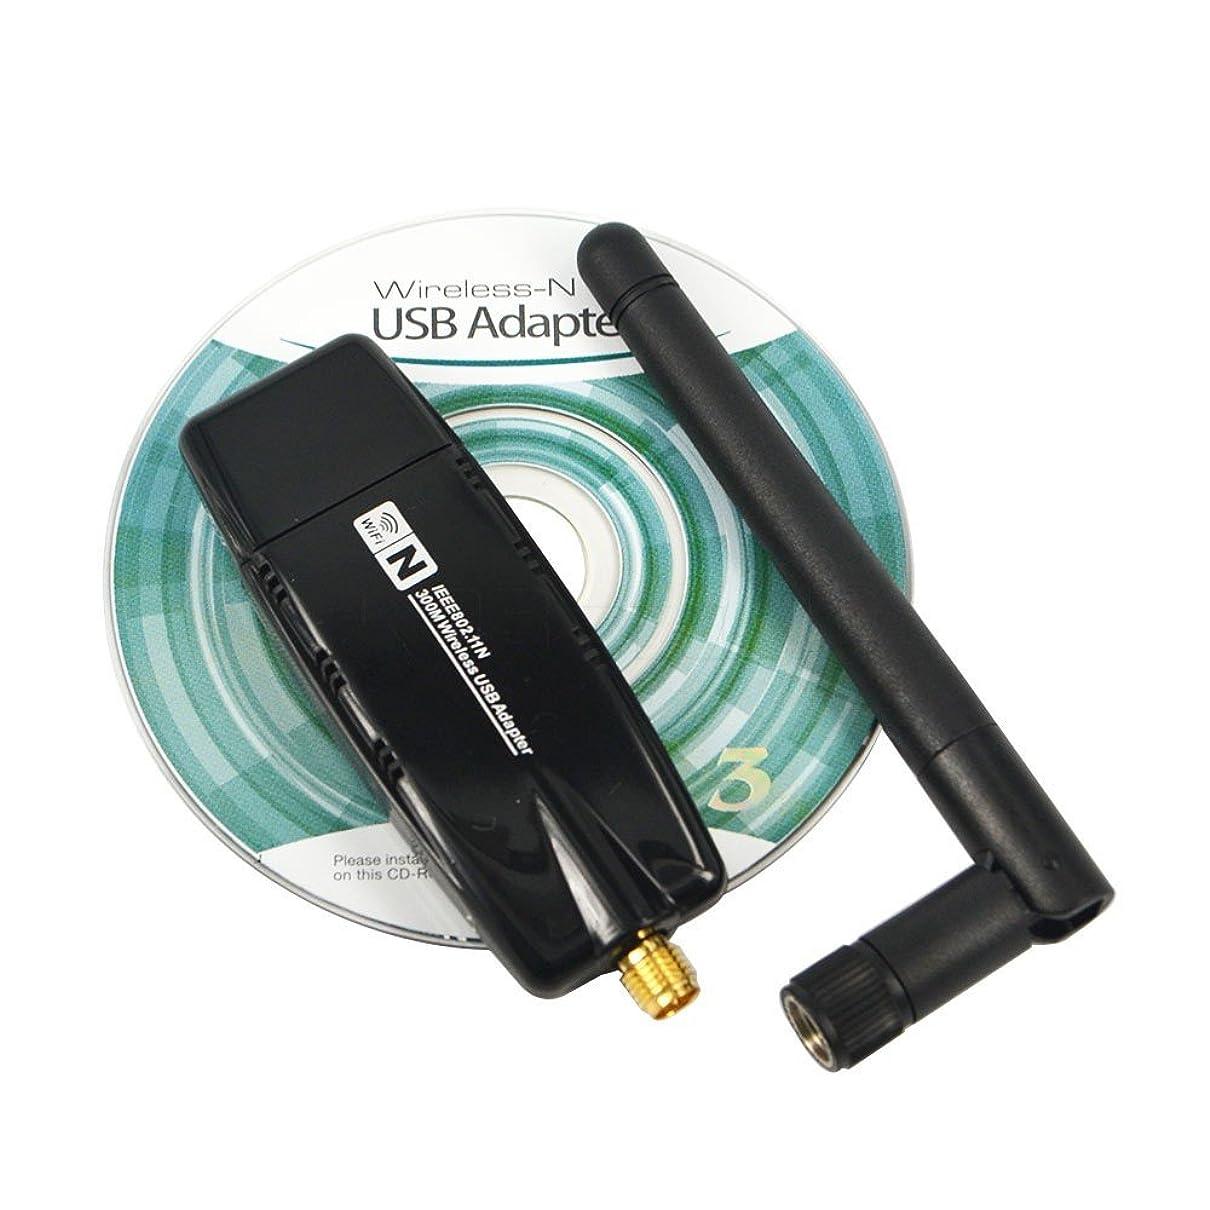 しつけストロークワンダーUSBワイヤレスWiFiアダプタカード強力なワイヤレスネットワークカード